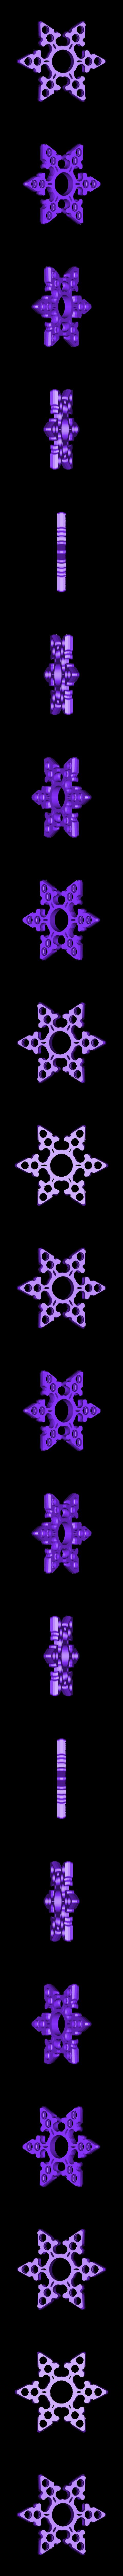 suriken.stl Télécharger fichier STL gratuit Spinner suriken • Modèle pour impression 3D, bda